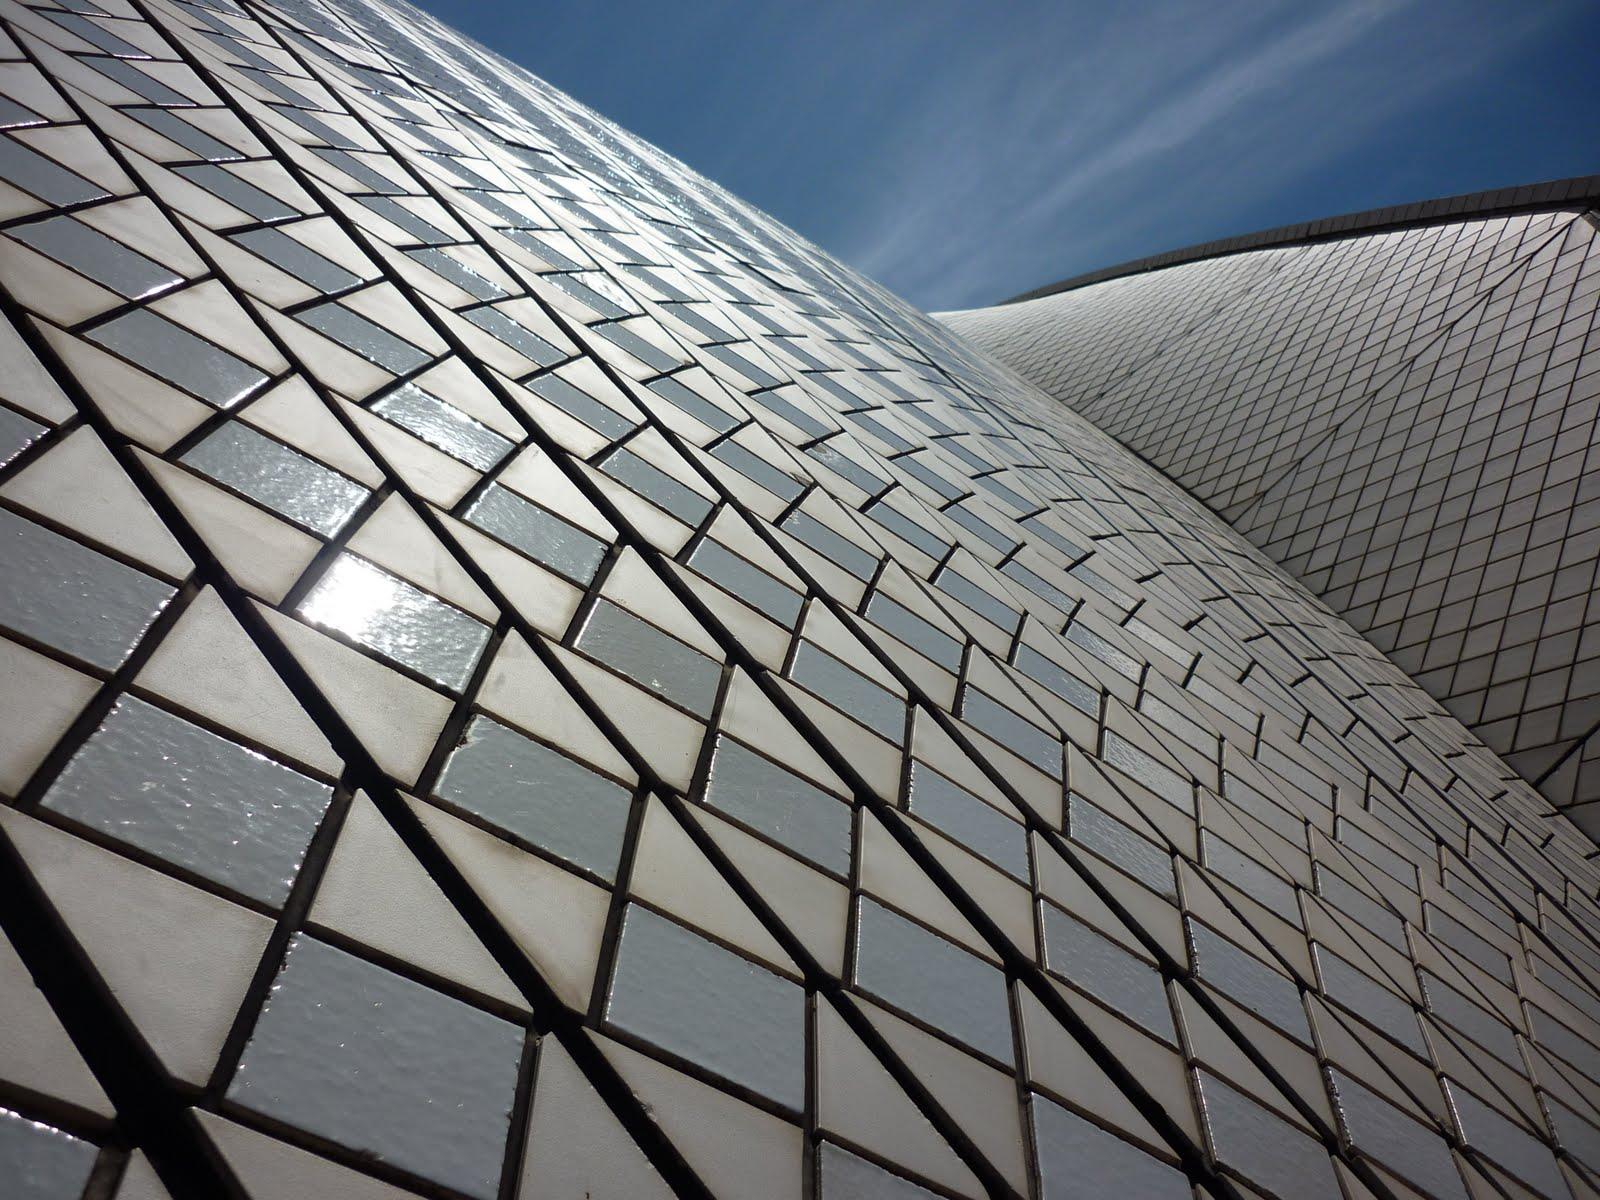 Sydney Australia Sydney Opera House Tiles